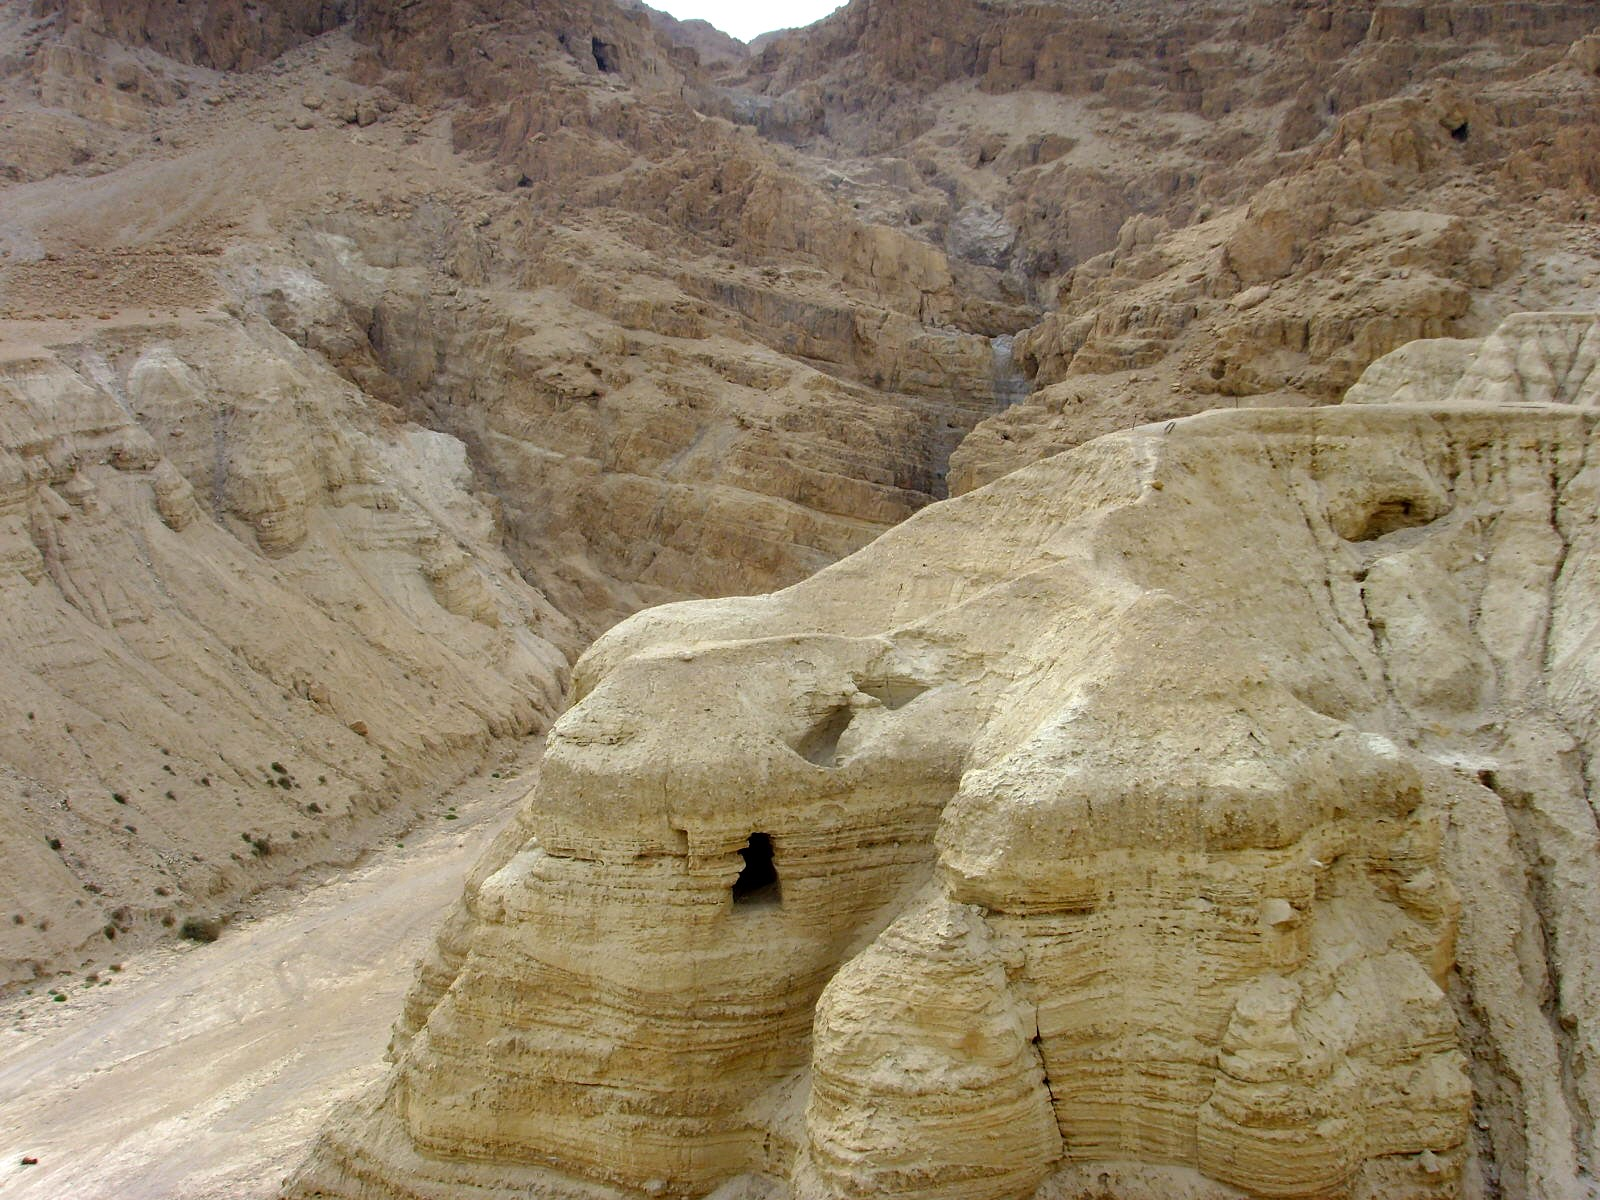 Immagini Di Natale Qumran.Da Qumran La Prova Che Gesu E Nato Il 25 Dicembre Ventiperquattro